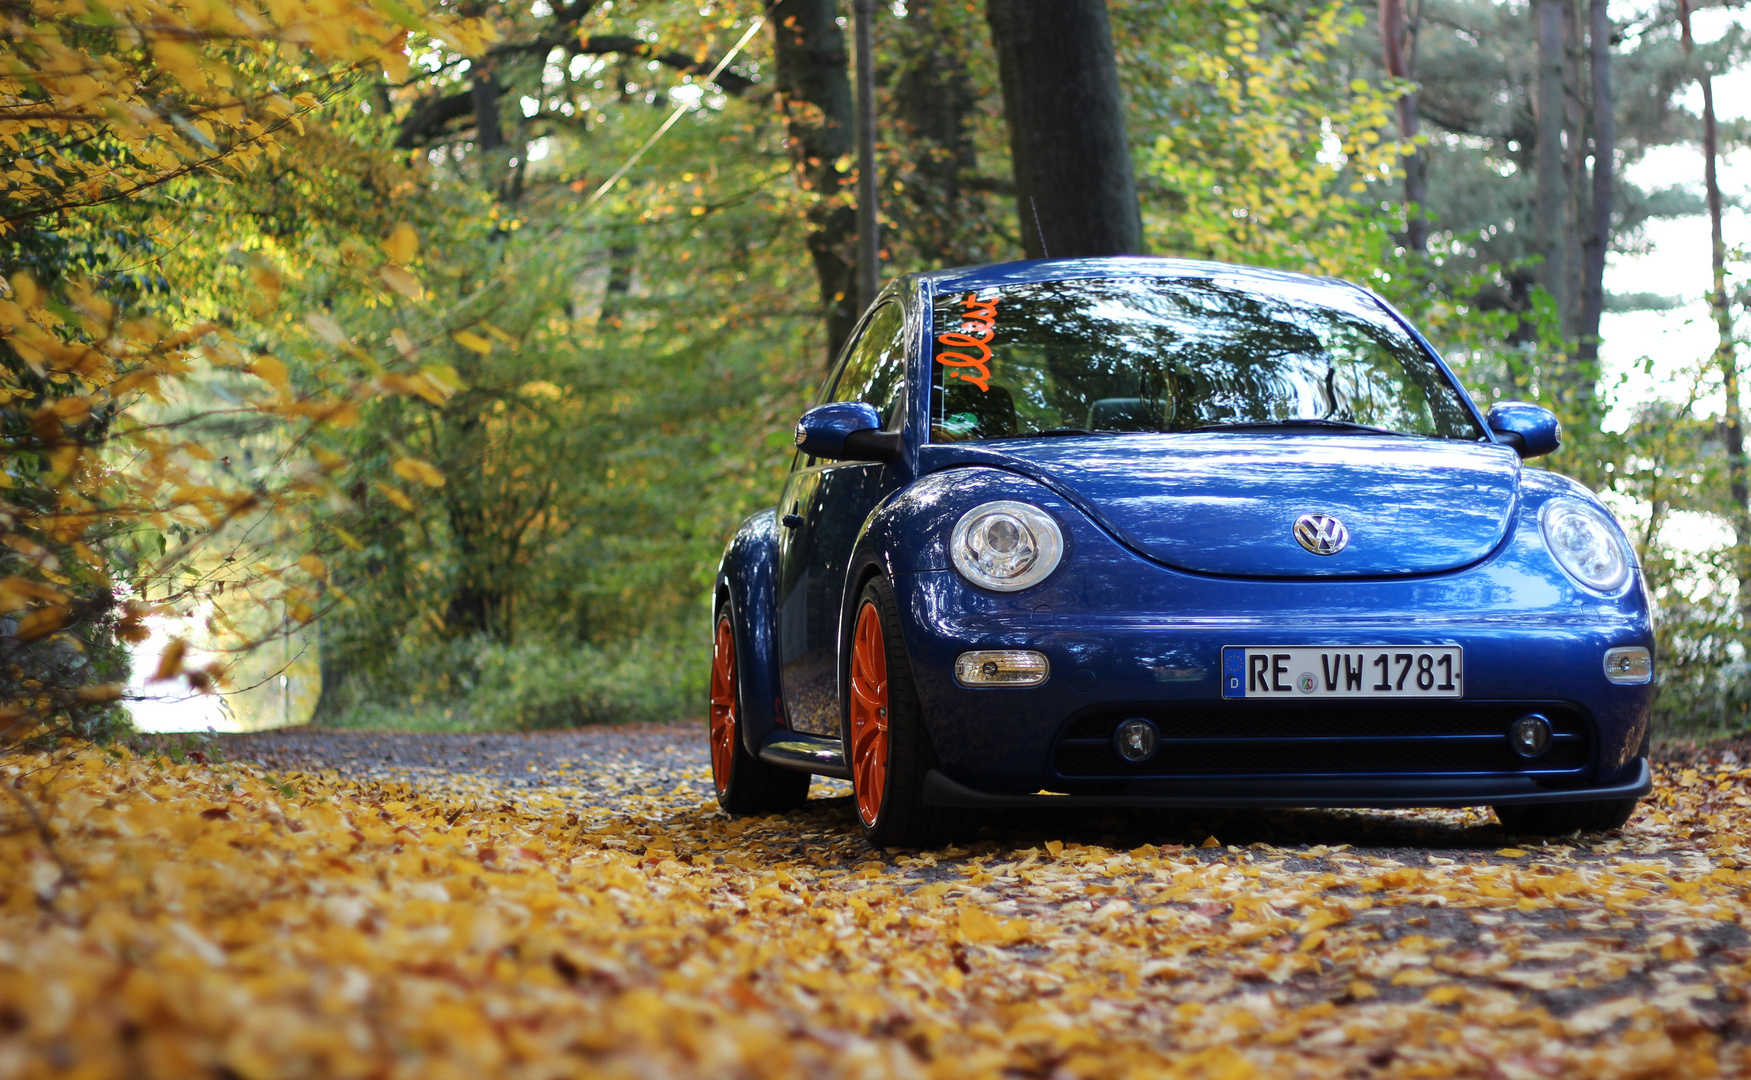 VW Beetle 1.8t Tuning - Blau Orange - Herbst